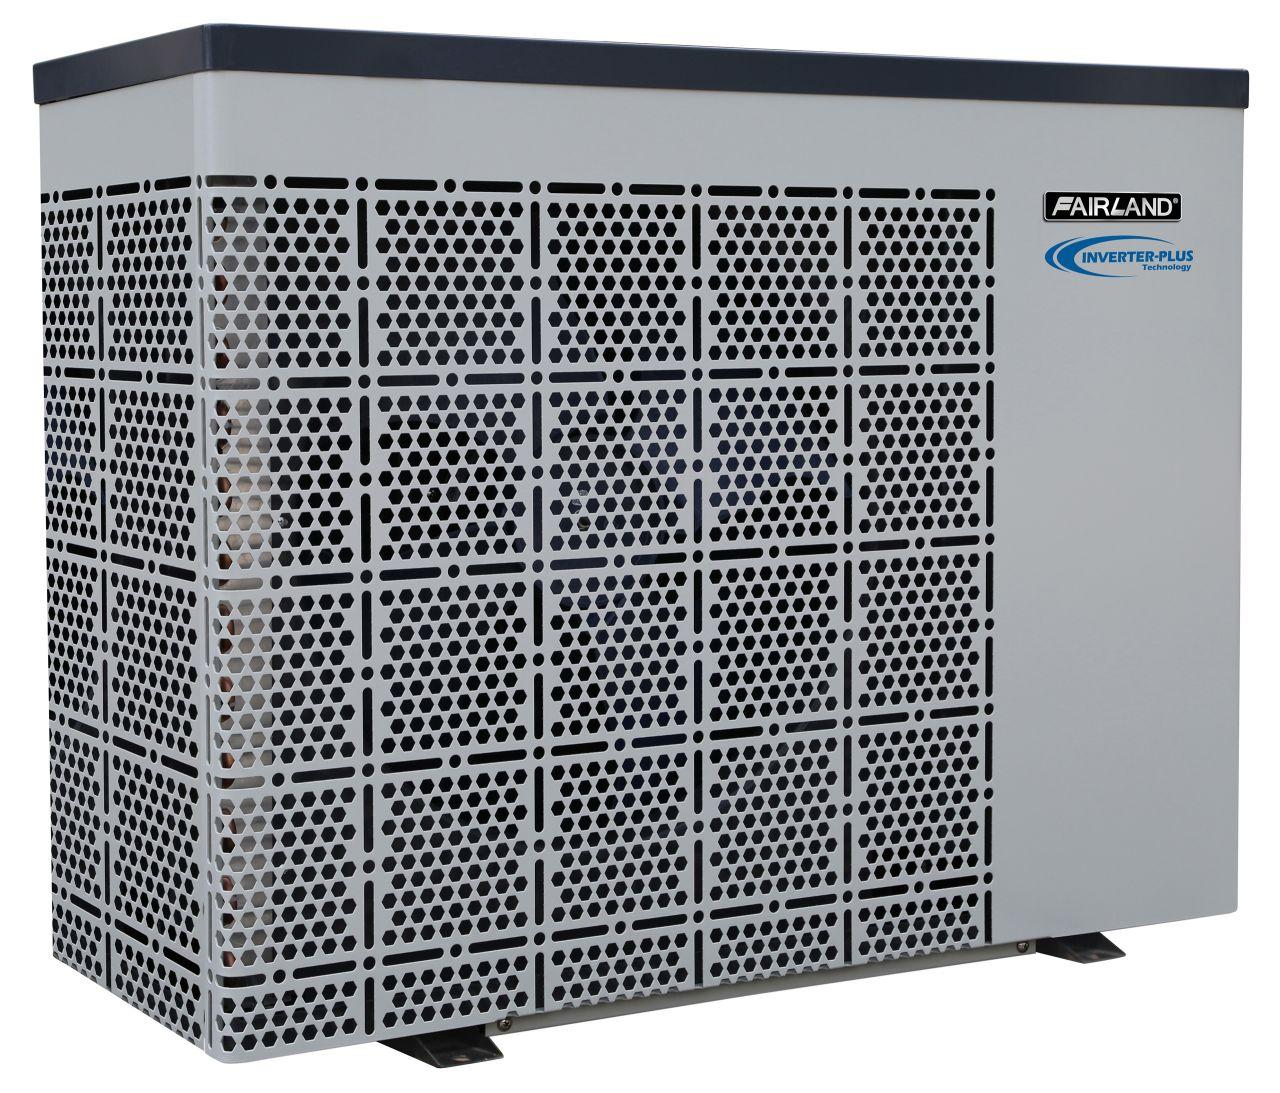 Fairland IHP Inverter Plus Wärmepumpe